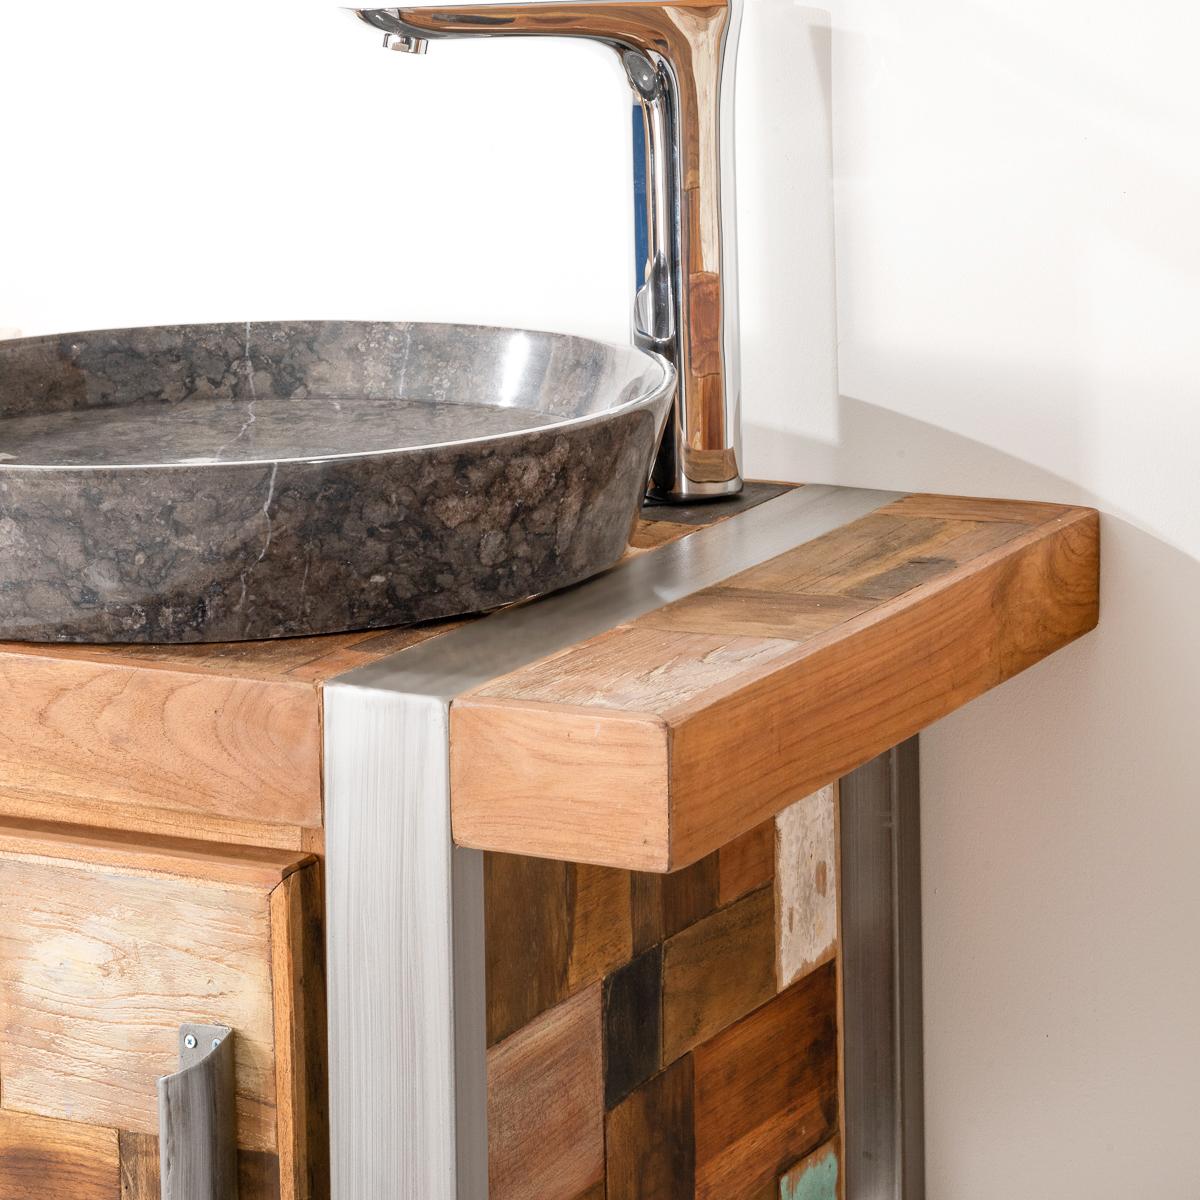 Meuble de salle de bain factory teck m tal 70 cm - Meuble 70 cm de large ...